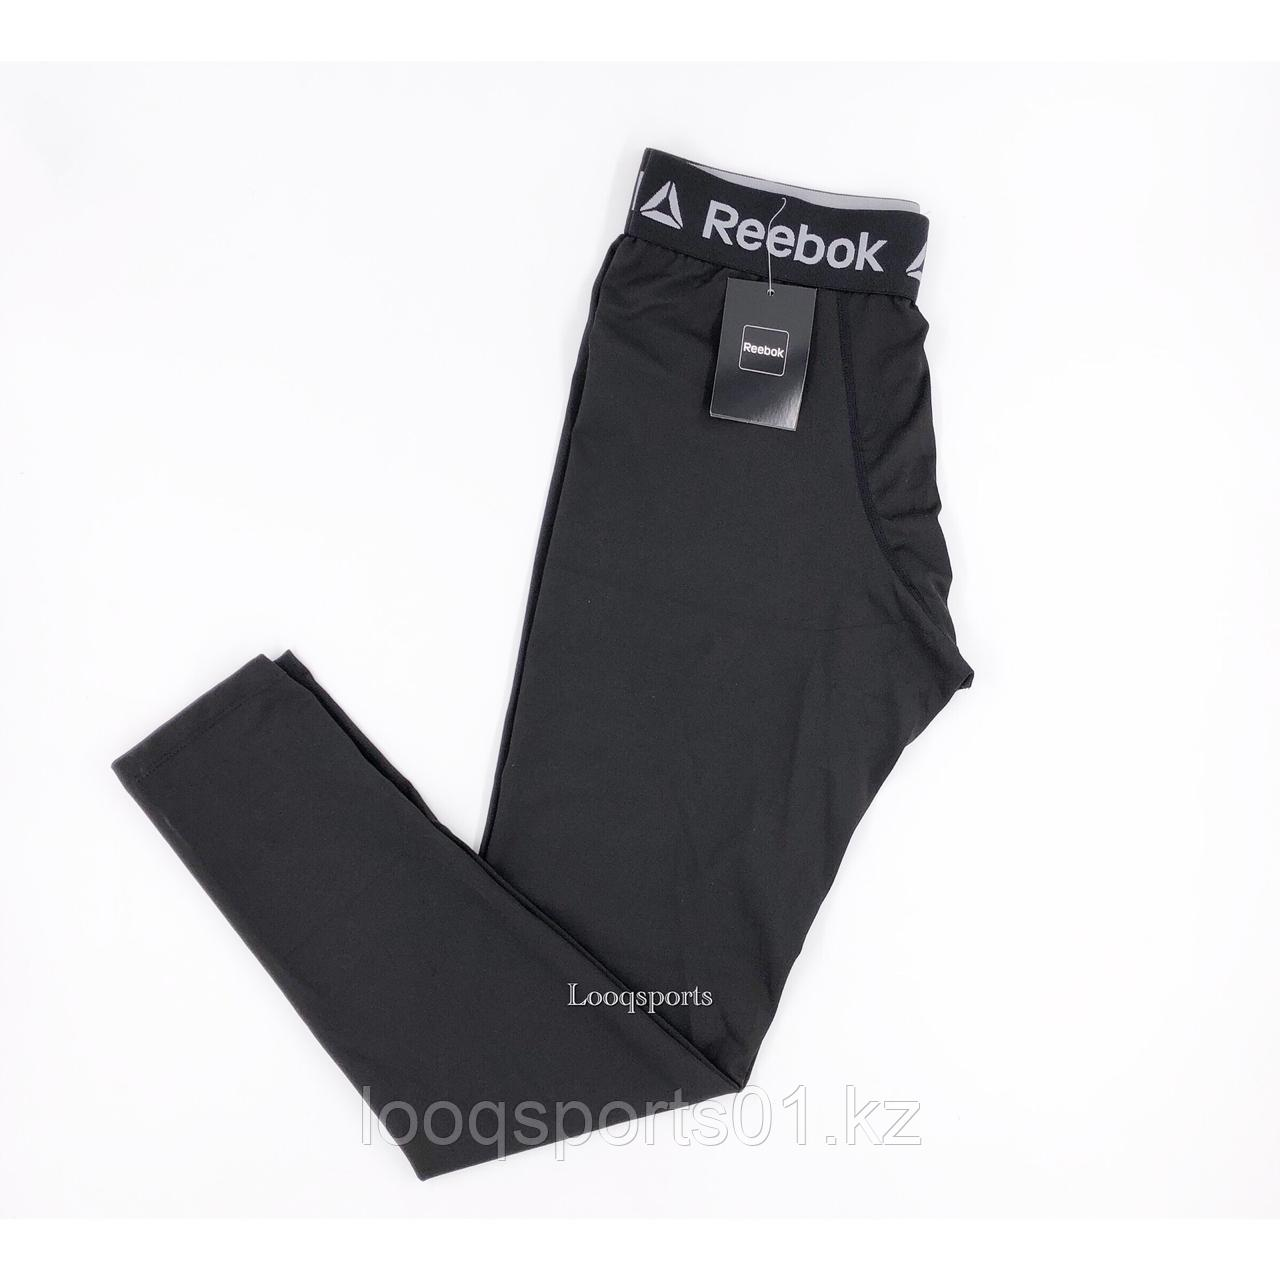 Мужские леггинсы Reebok (лосины для тренировок) компрессионные штаны